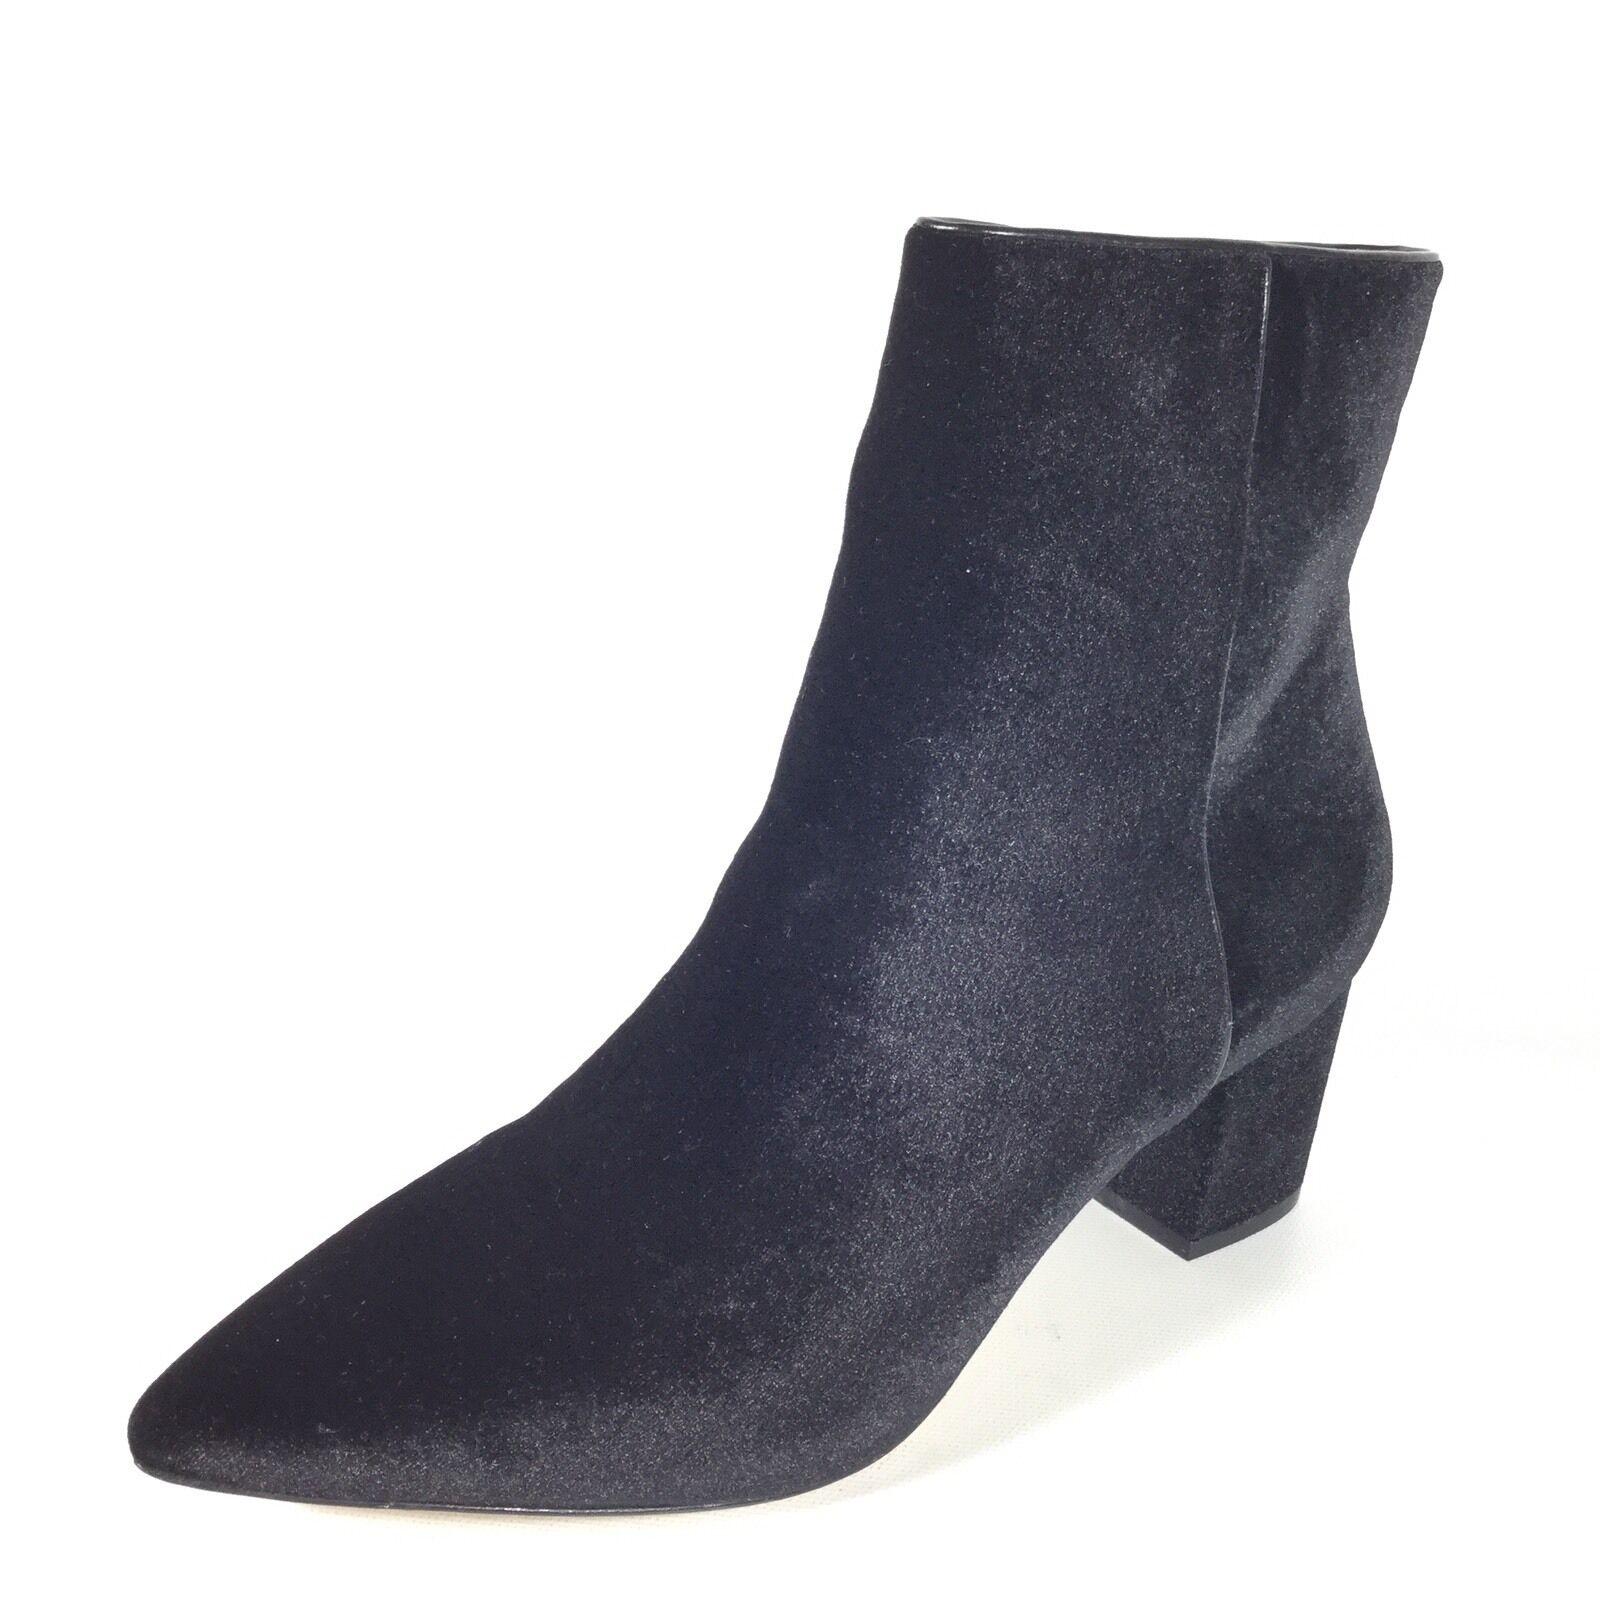 Steven By Steve Madden Bollie Women's 8.5 Black Velvet Heel Ankle Boots.